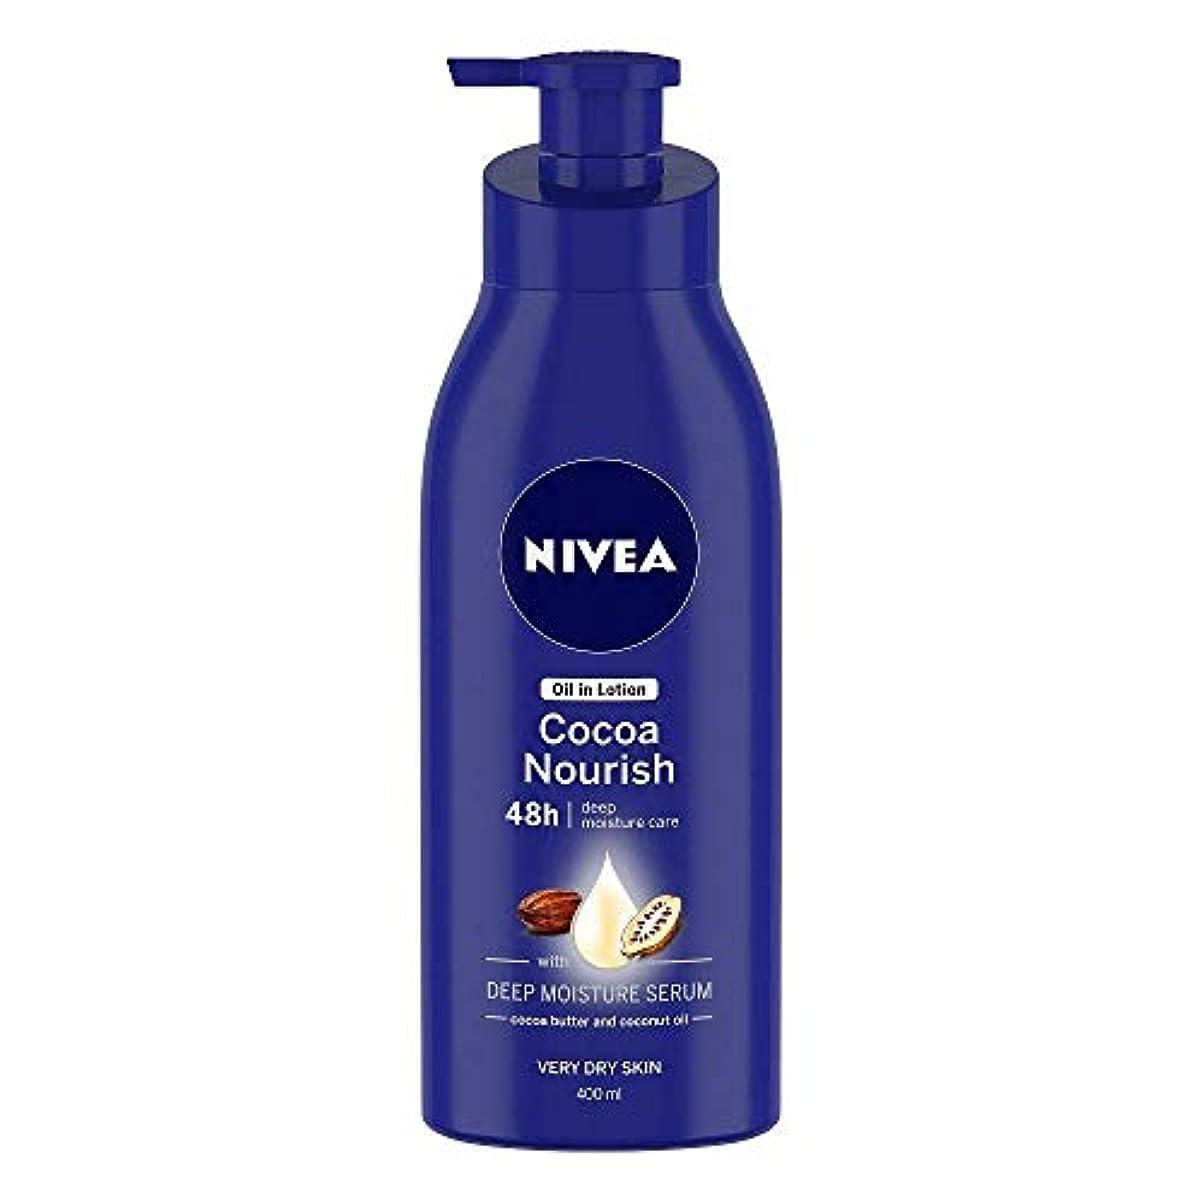 Nivea Oil in Lotion Cocoa Nourish, 400ml